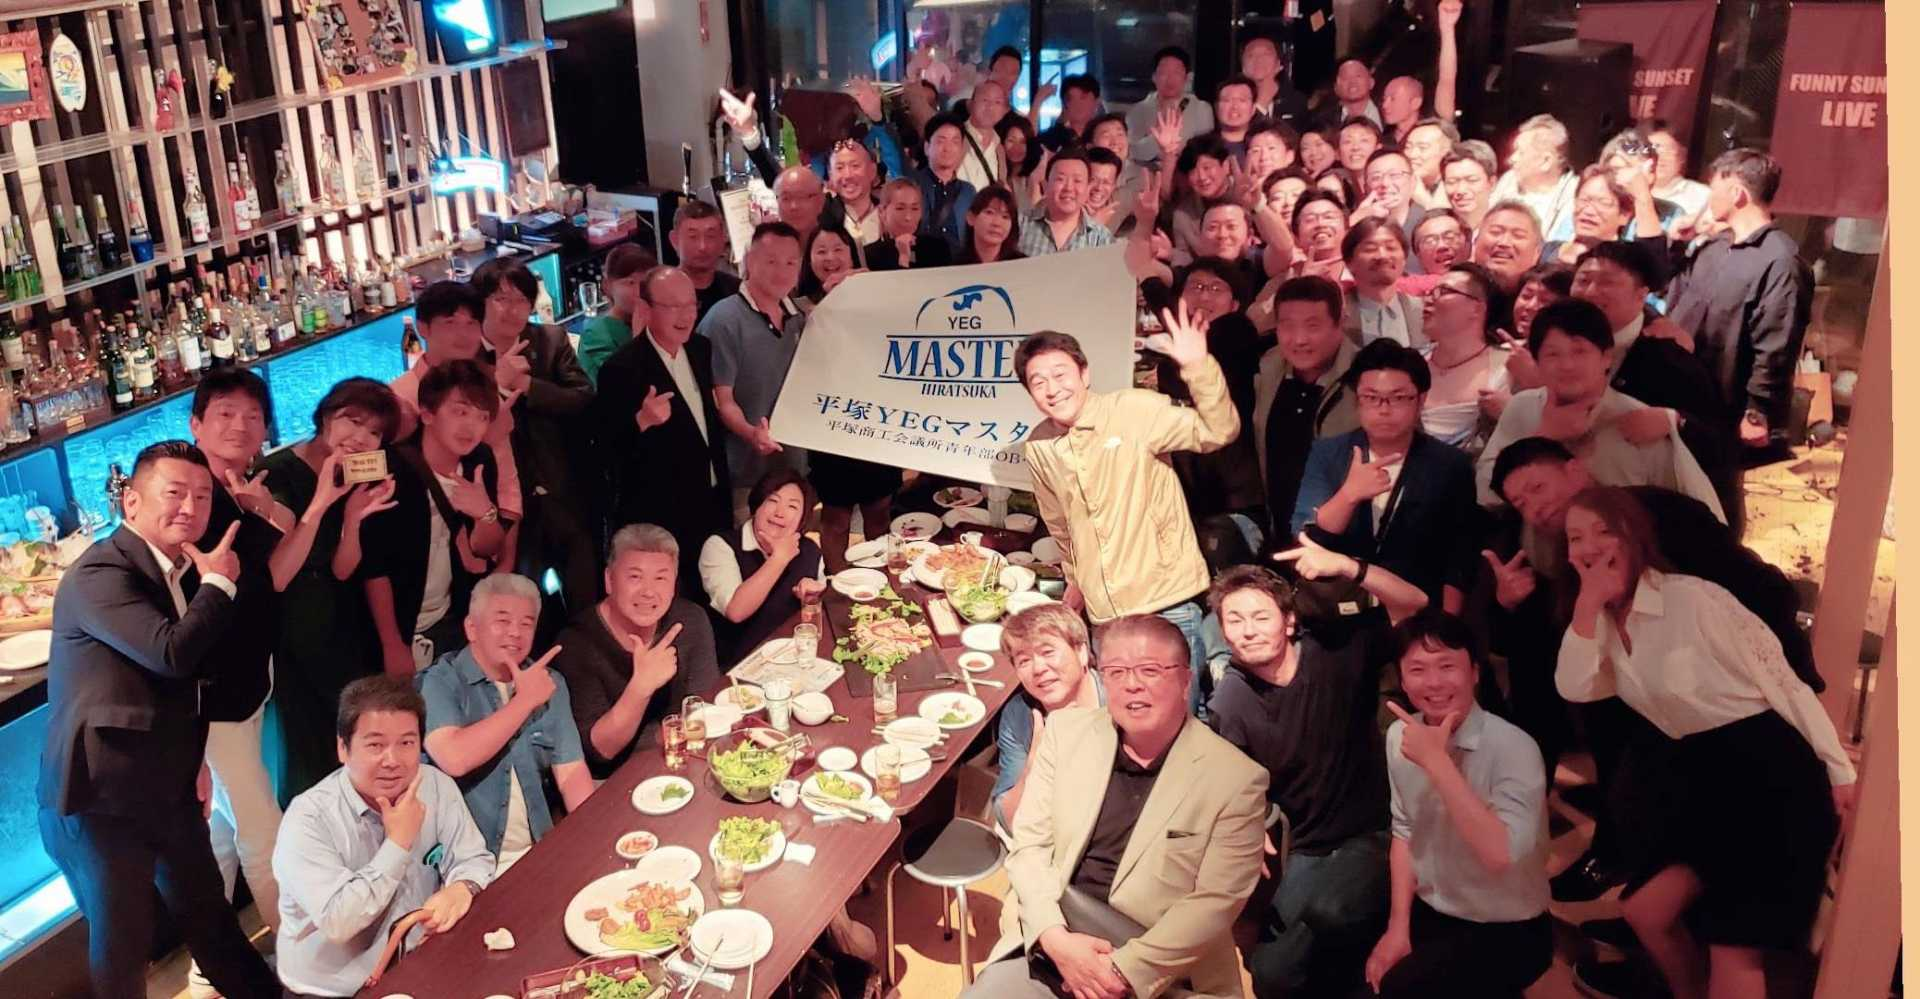 平塚YEG・YEGマスター会合同事業 誕生祭